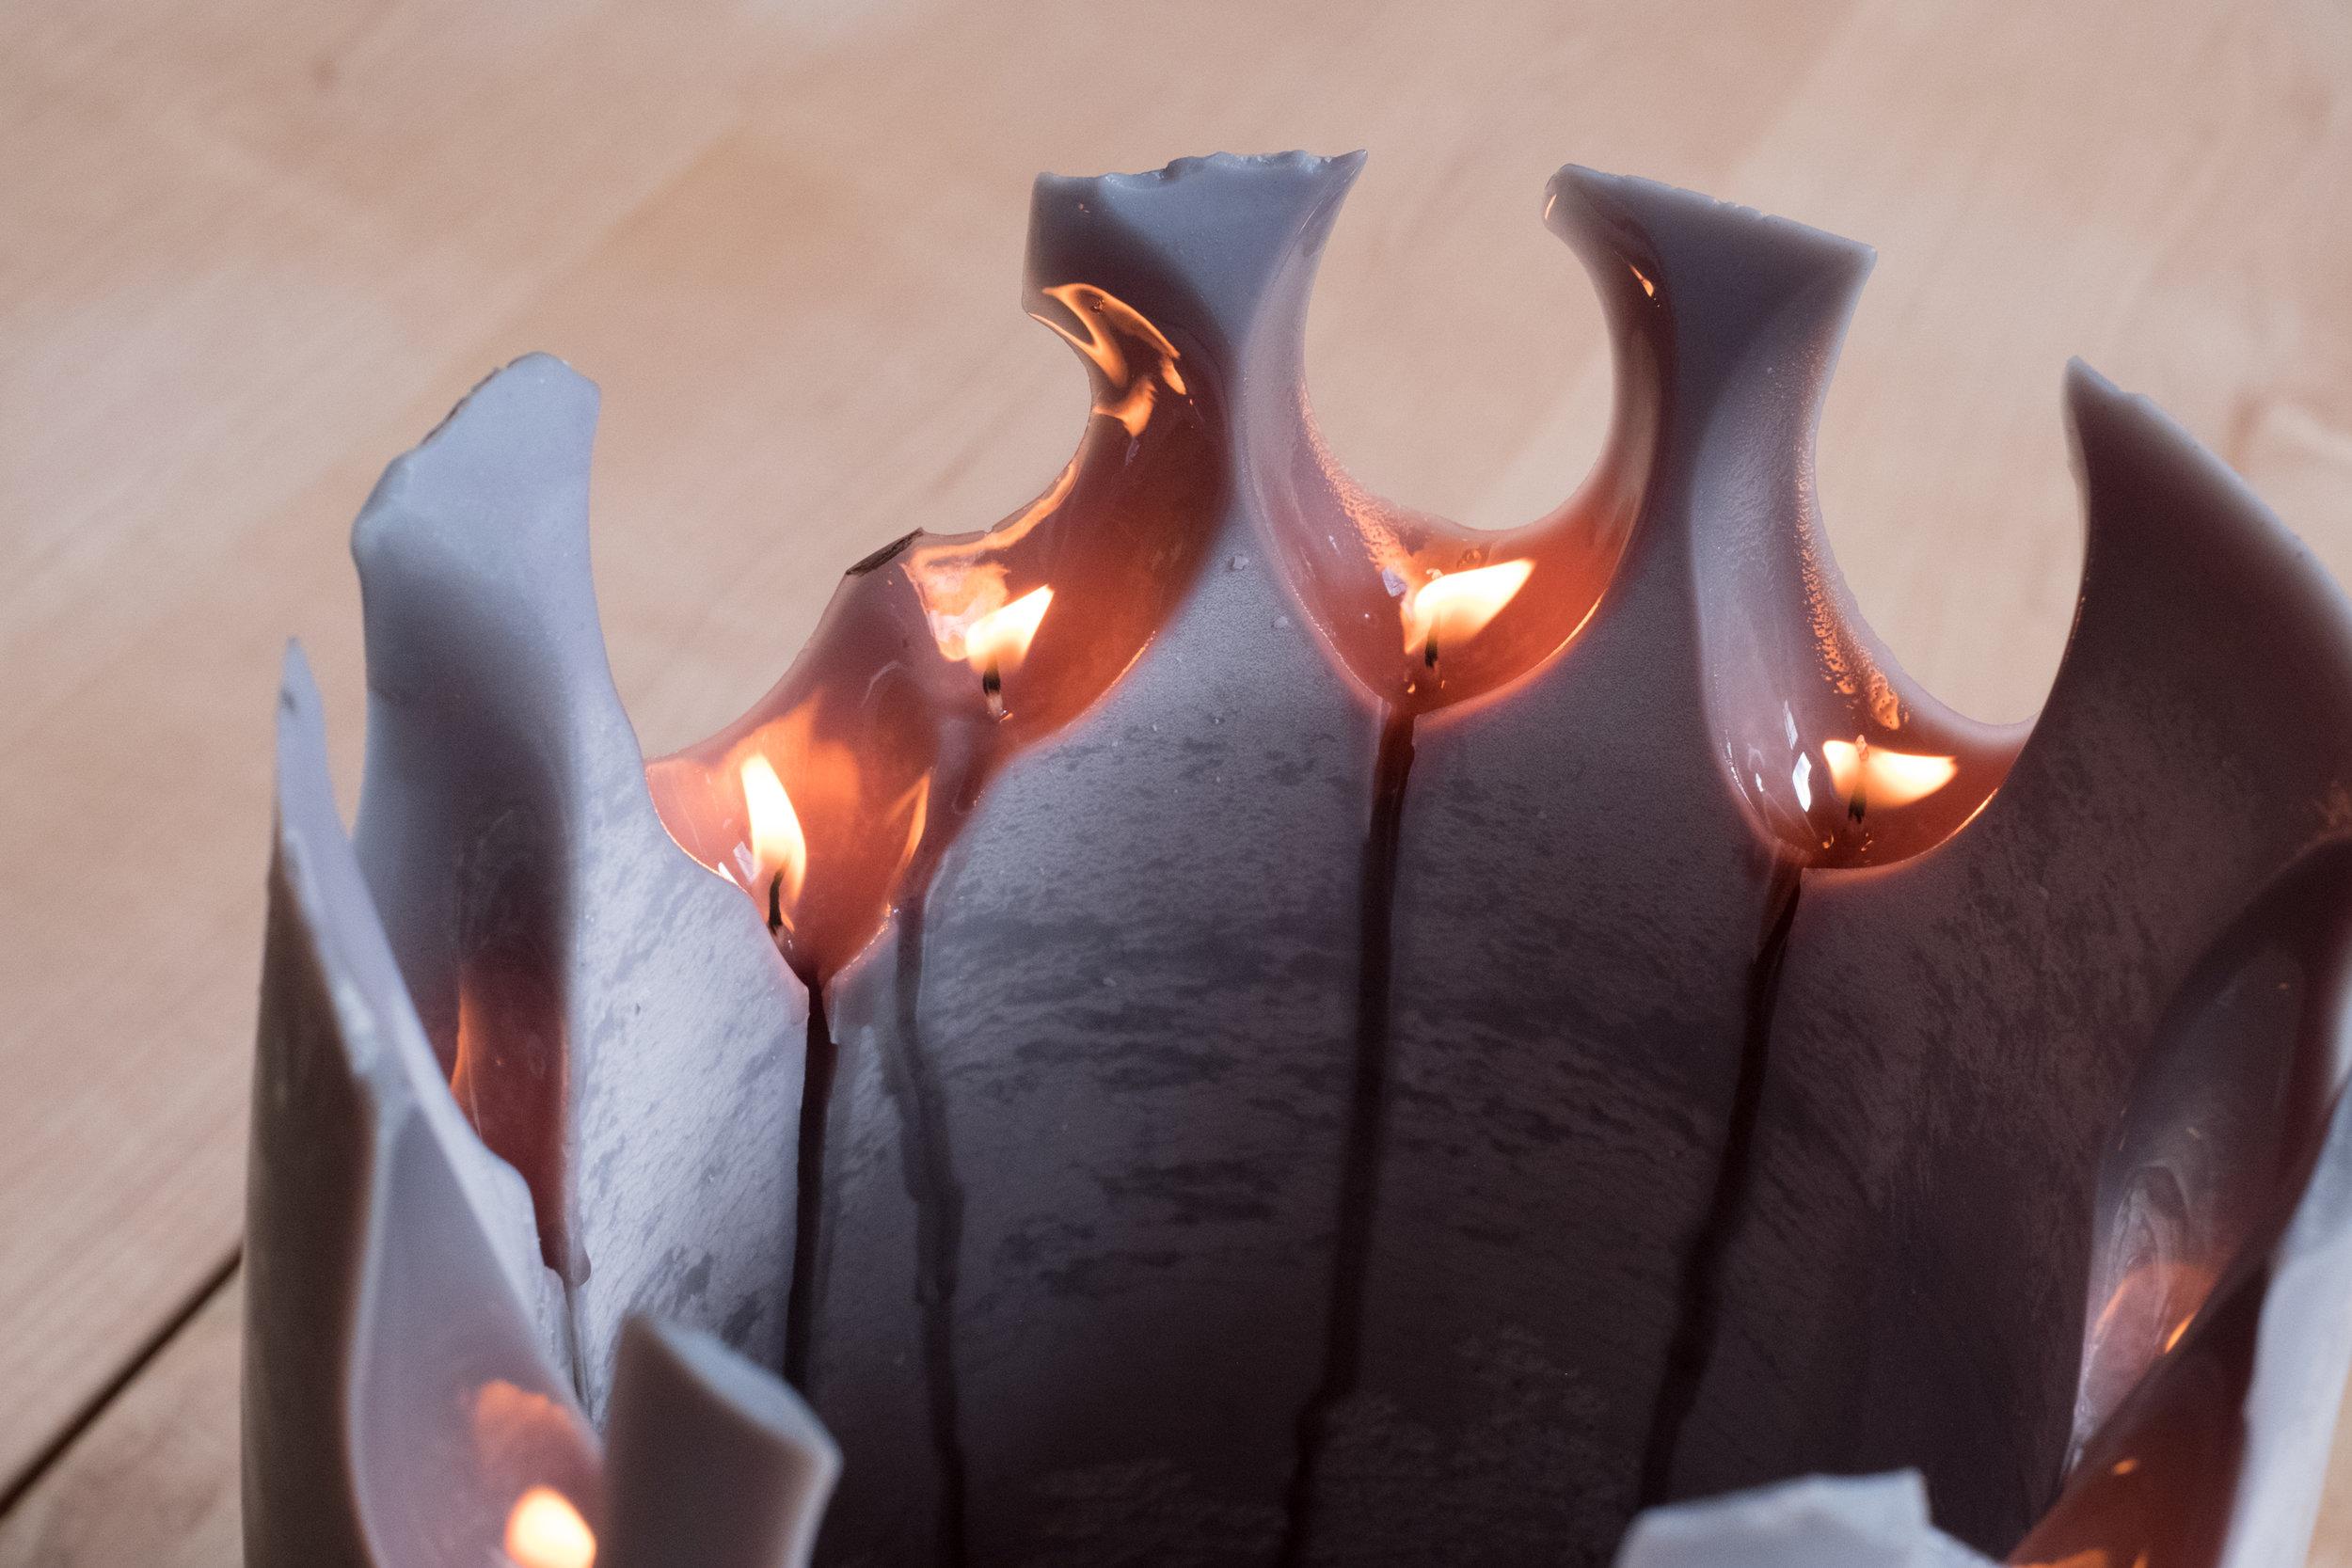 2018_05_14_CandlePitBurning-1372.jpg